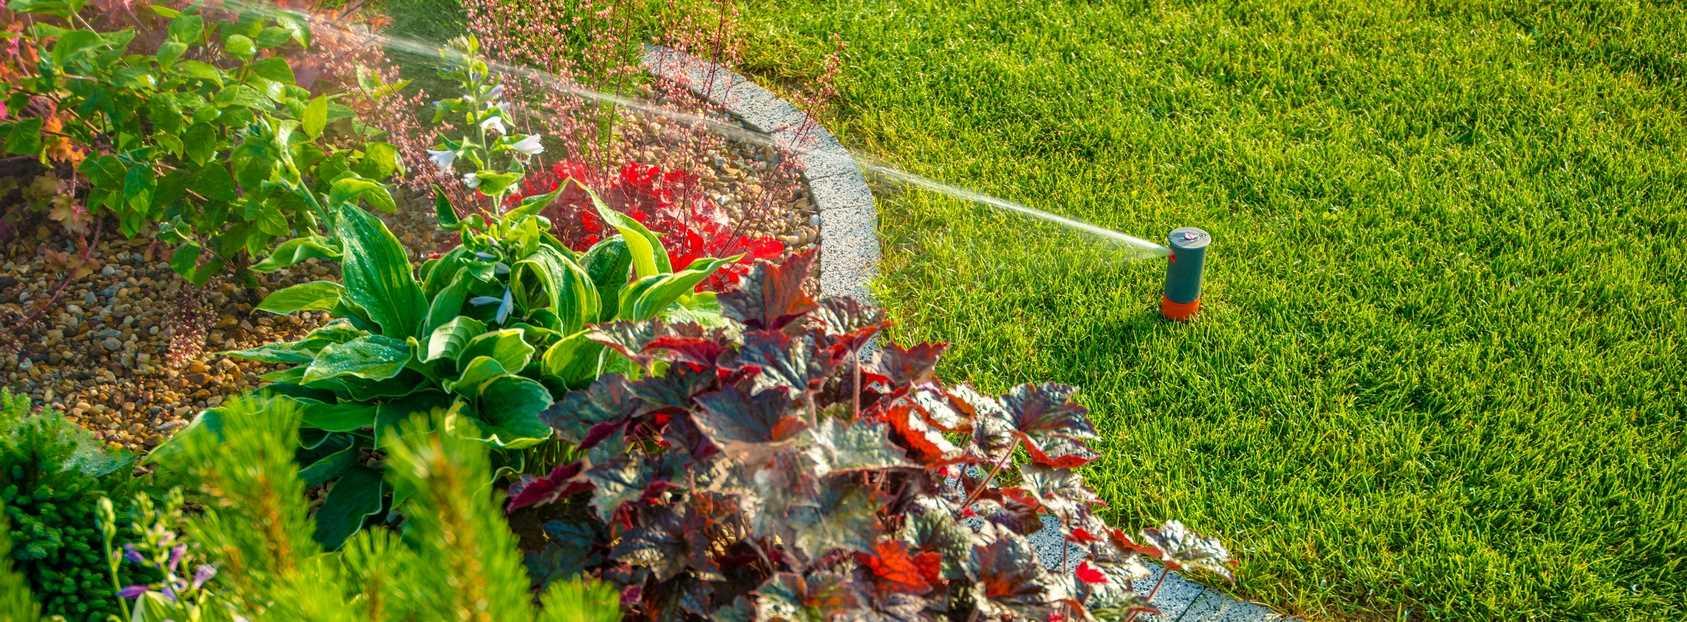 Lawn Sprinkler Design Springfield MO